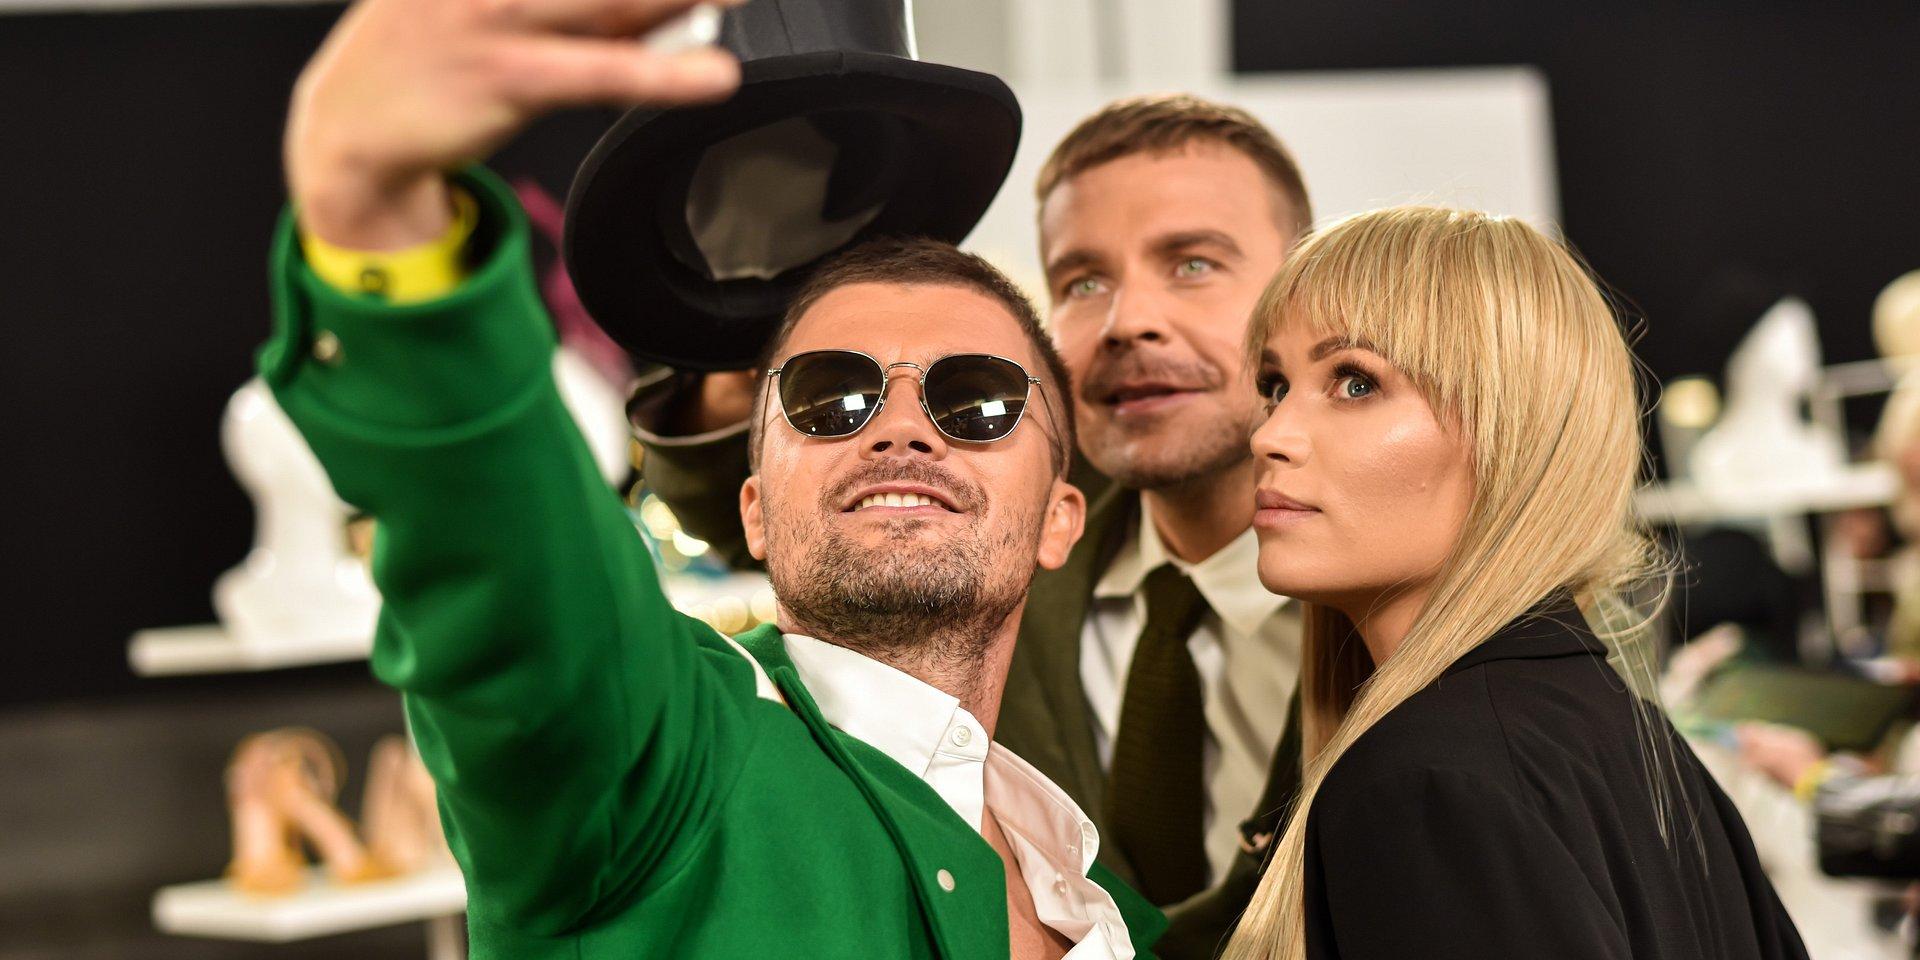 Top Model: Maffashion na wyścigach konnych, ścianka wspinaczkowa i zdjęcia pod okiem Kasi Struss. Który z uczestników wypadnie najlepiej podczas rozbieranej sesji?